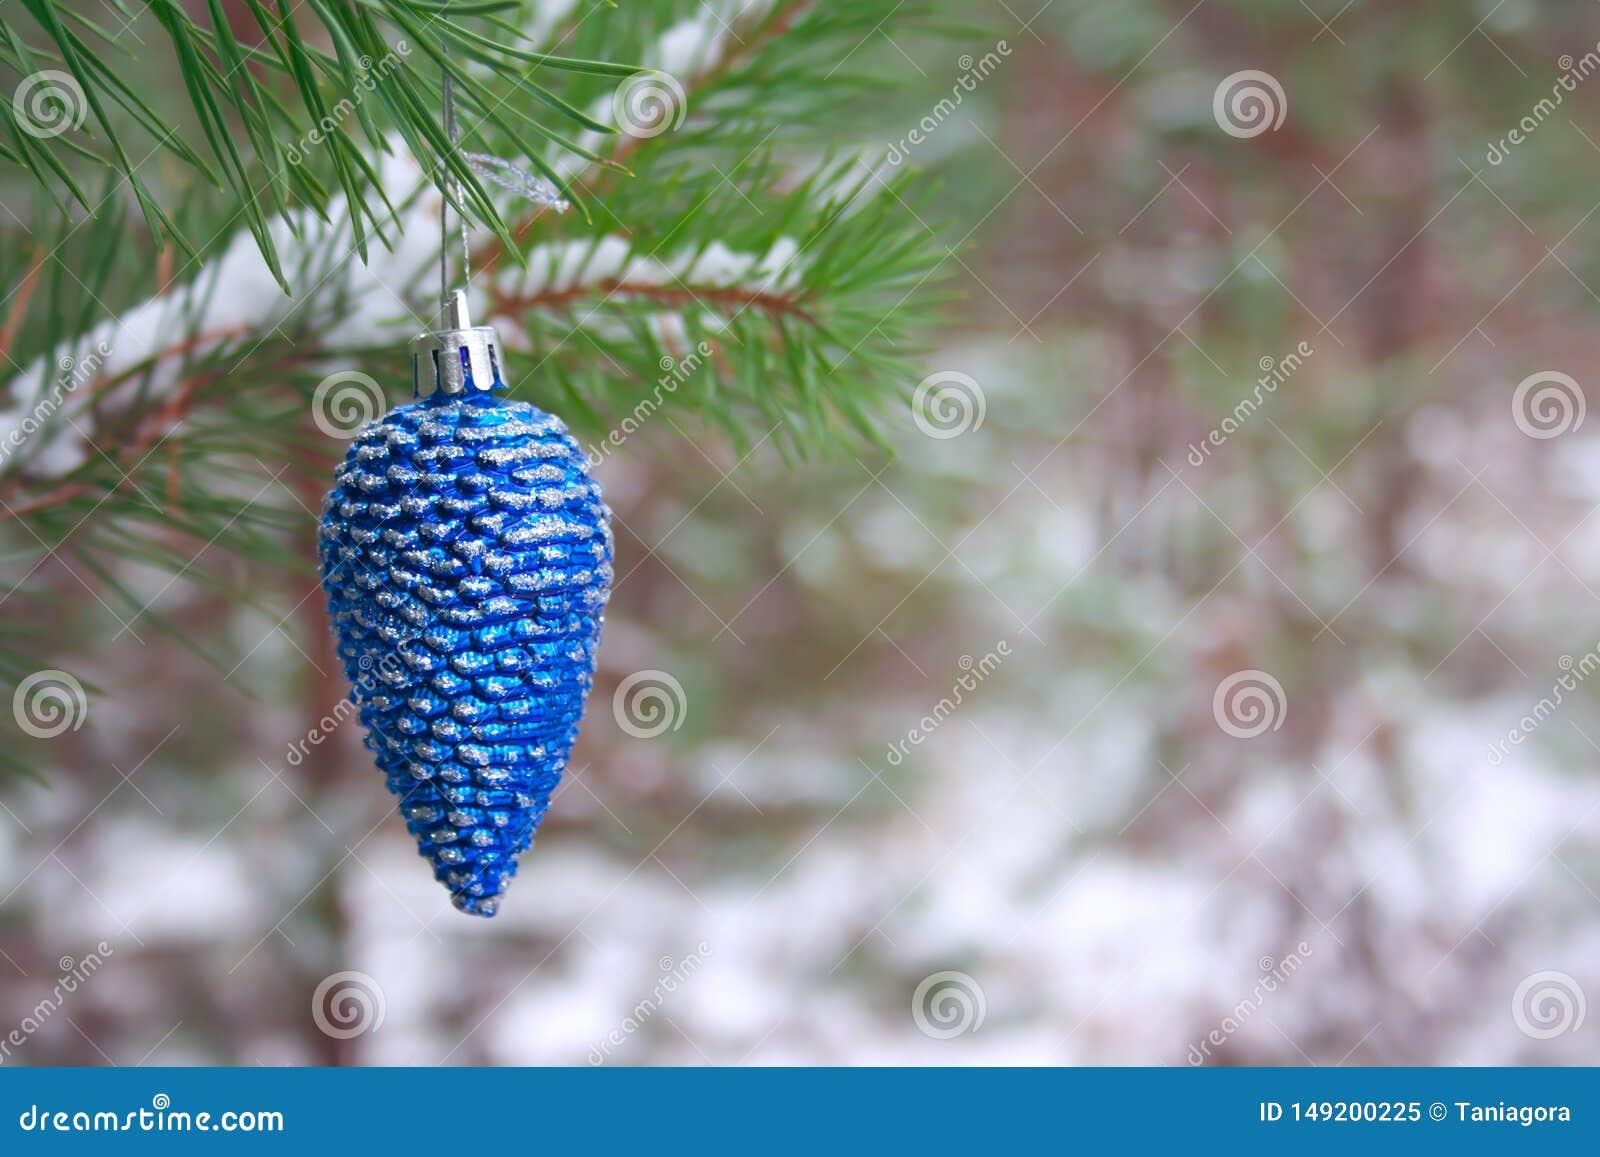 Сверкная голубой конус игрушки рождественской елки на ветви сосны в лесе зимы снежном